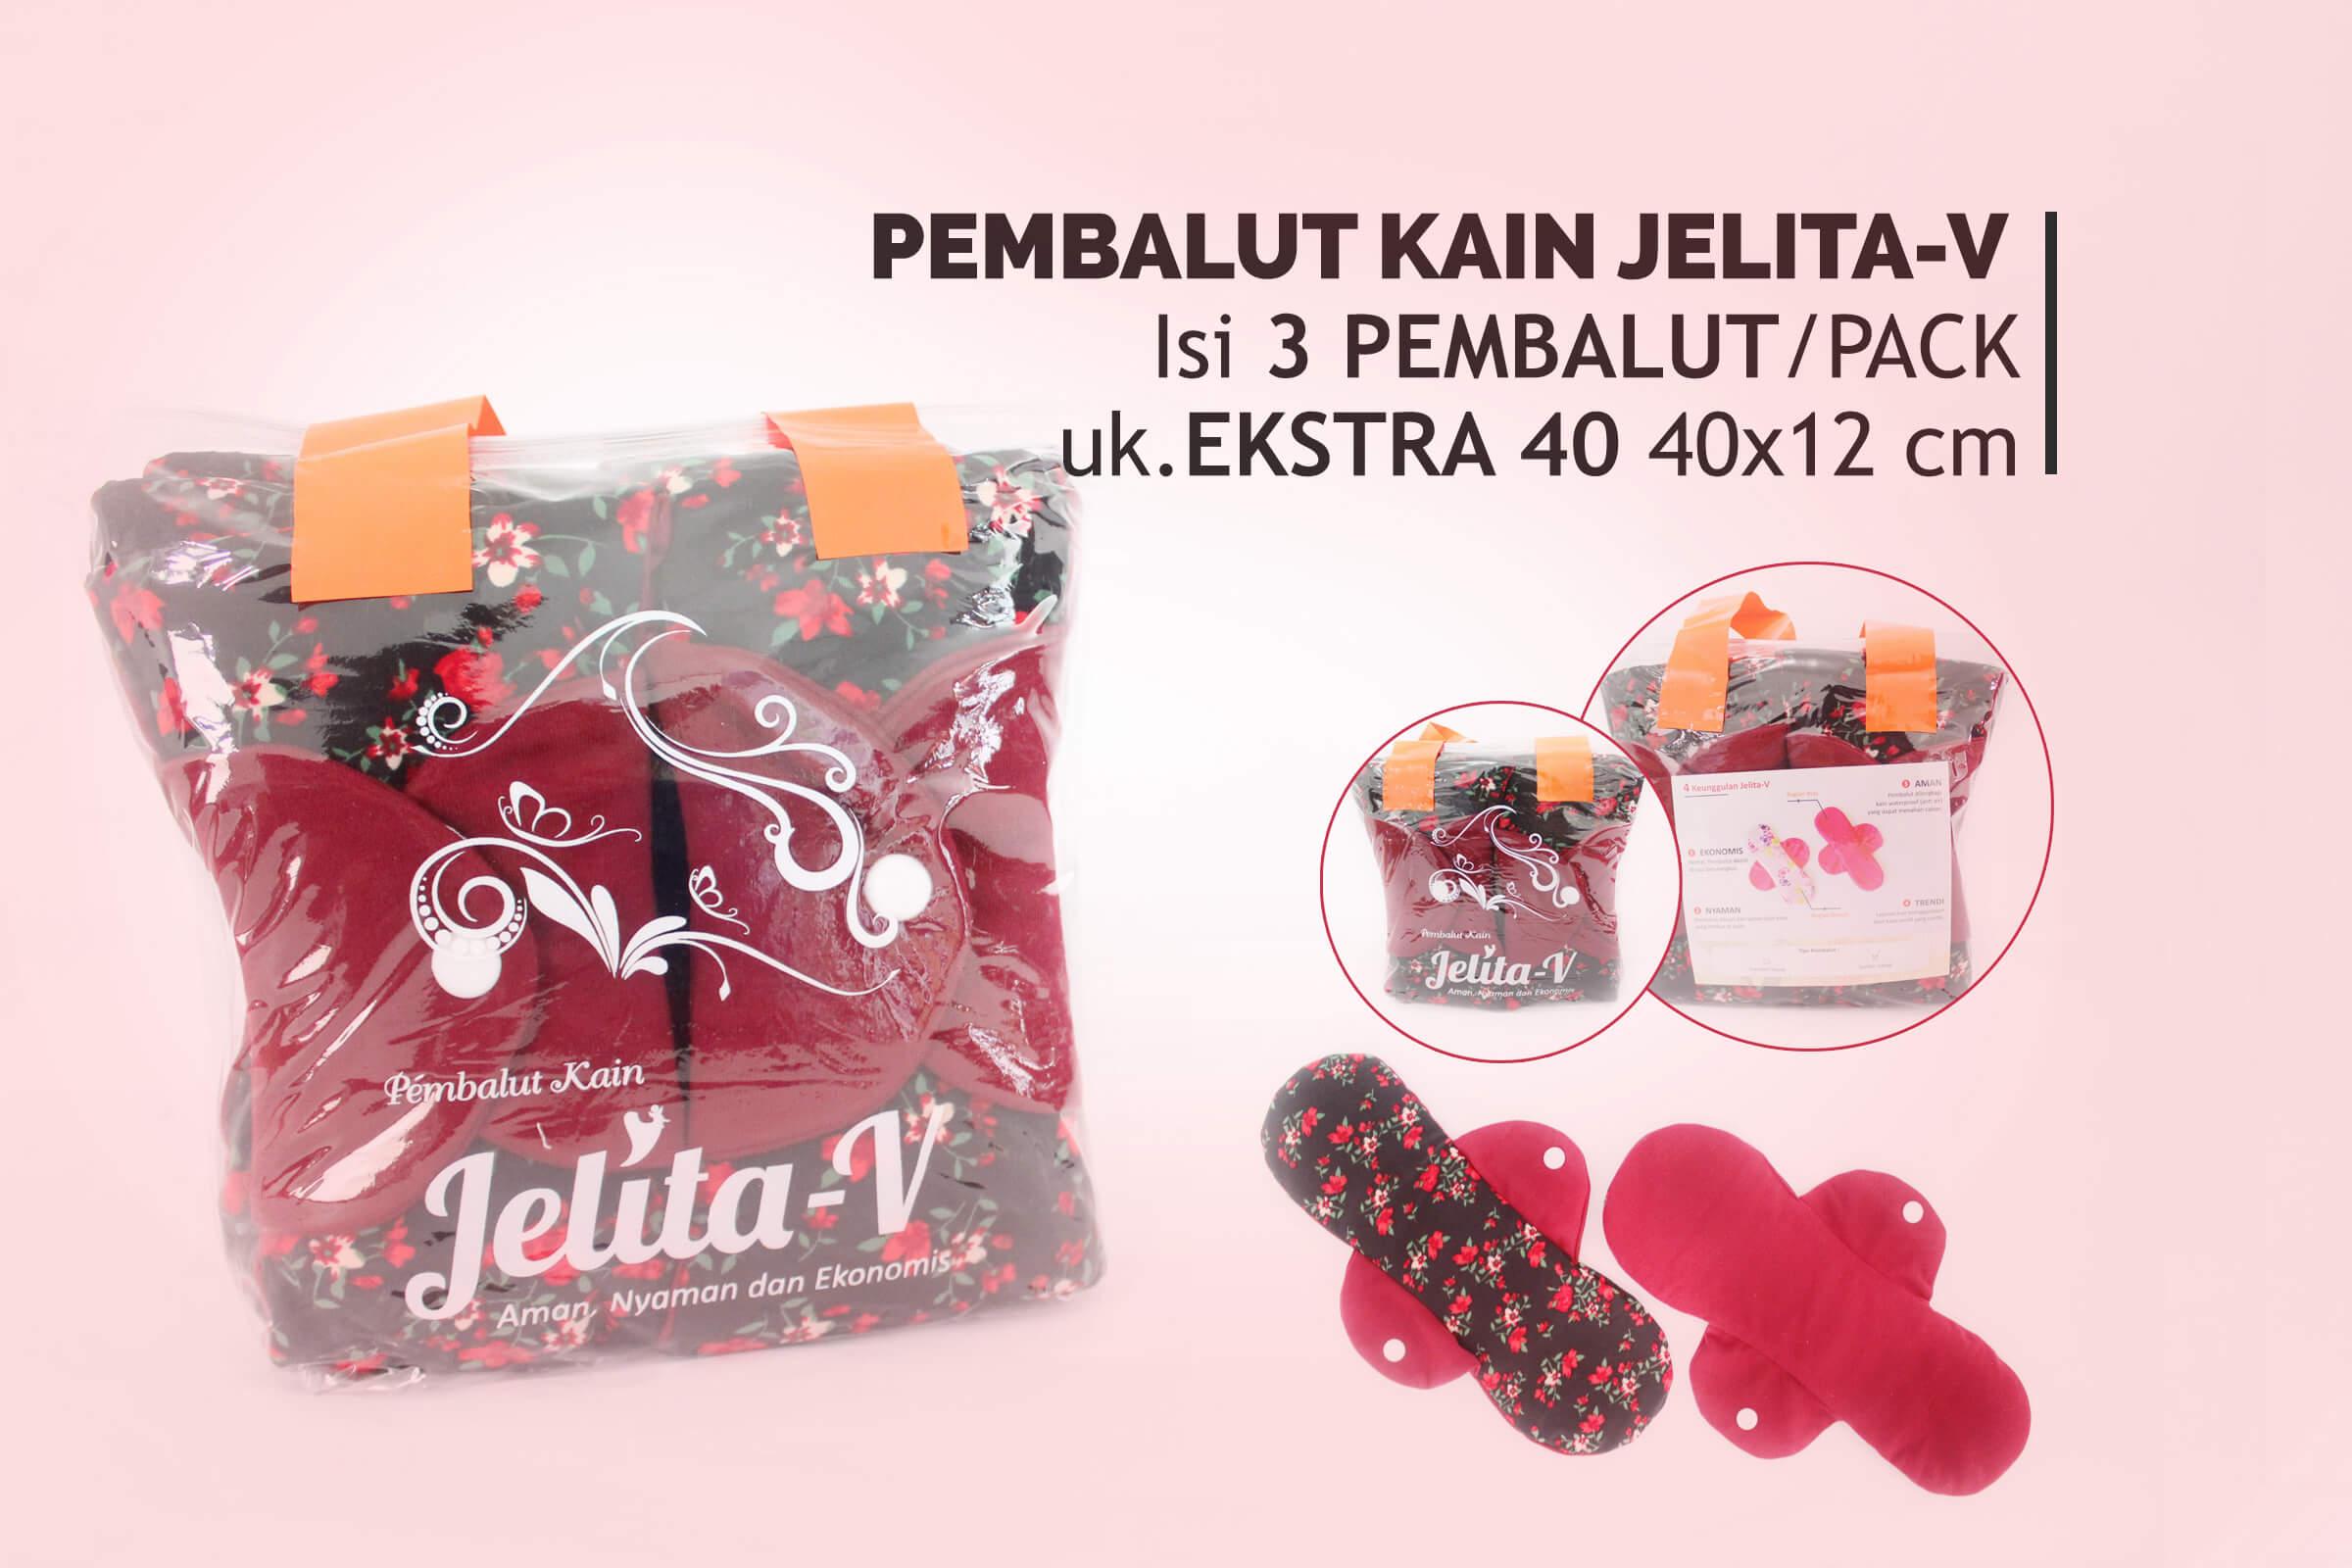 pembalut-kain-jelita-v-extra-40